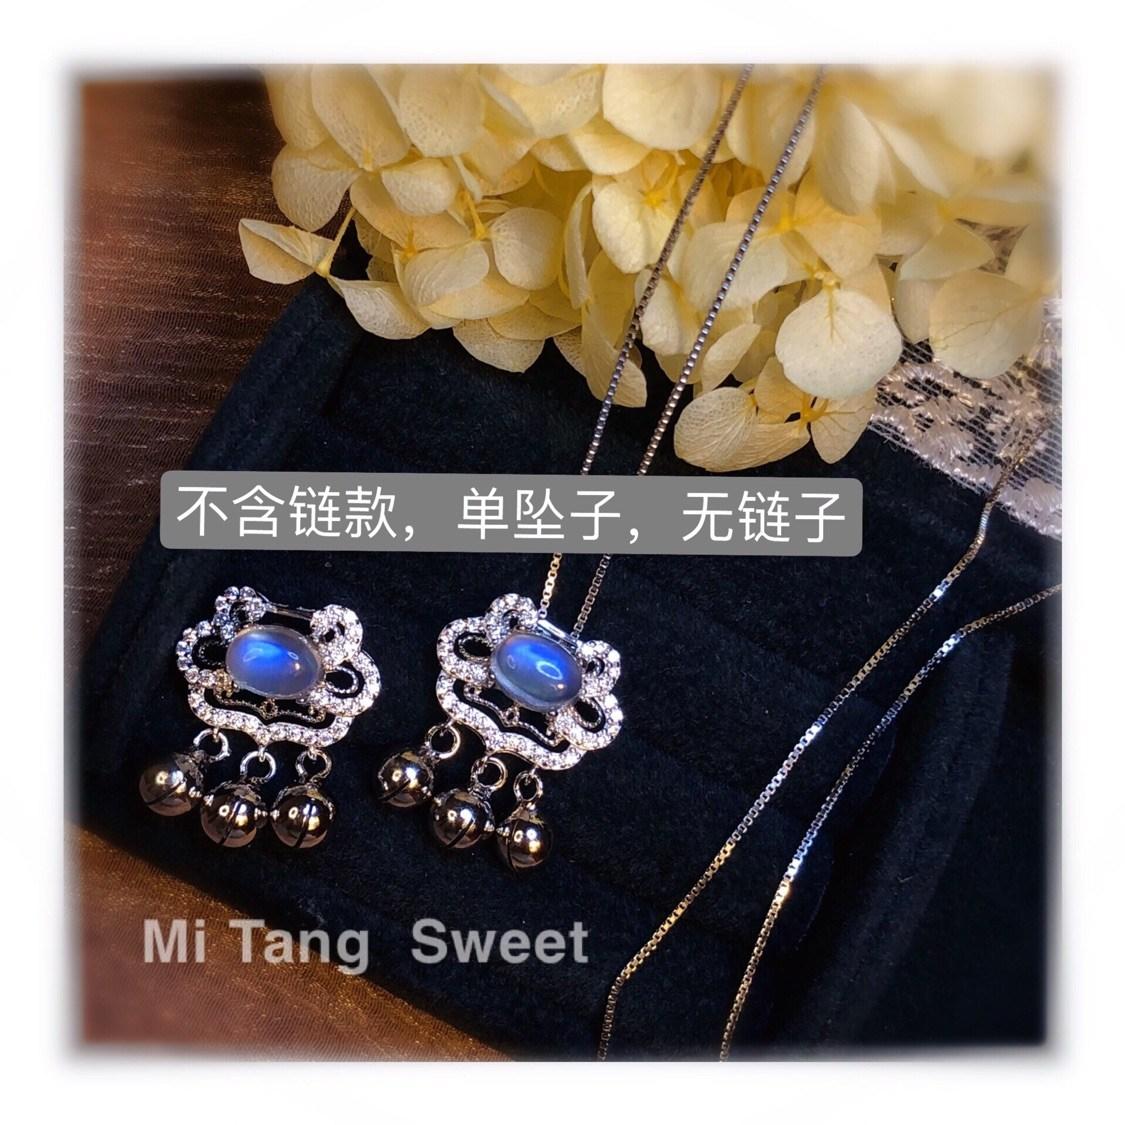 해외 고품격 블루 컬러 월광석 목걸이 s925 순은 편안한 잠금 부드러운 방울